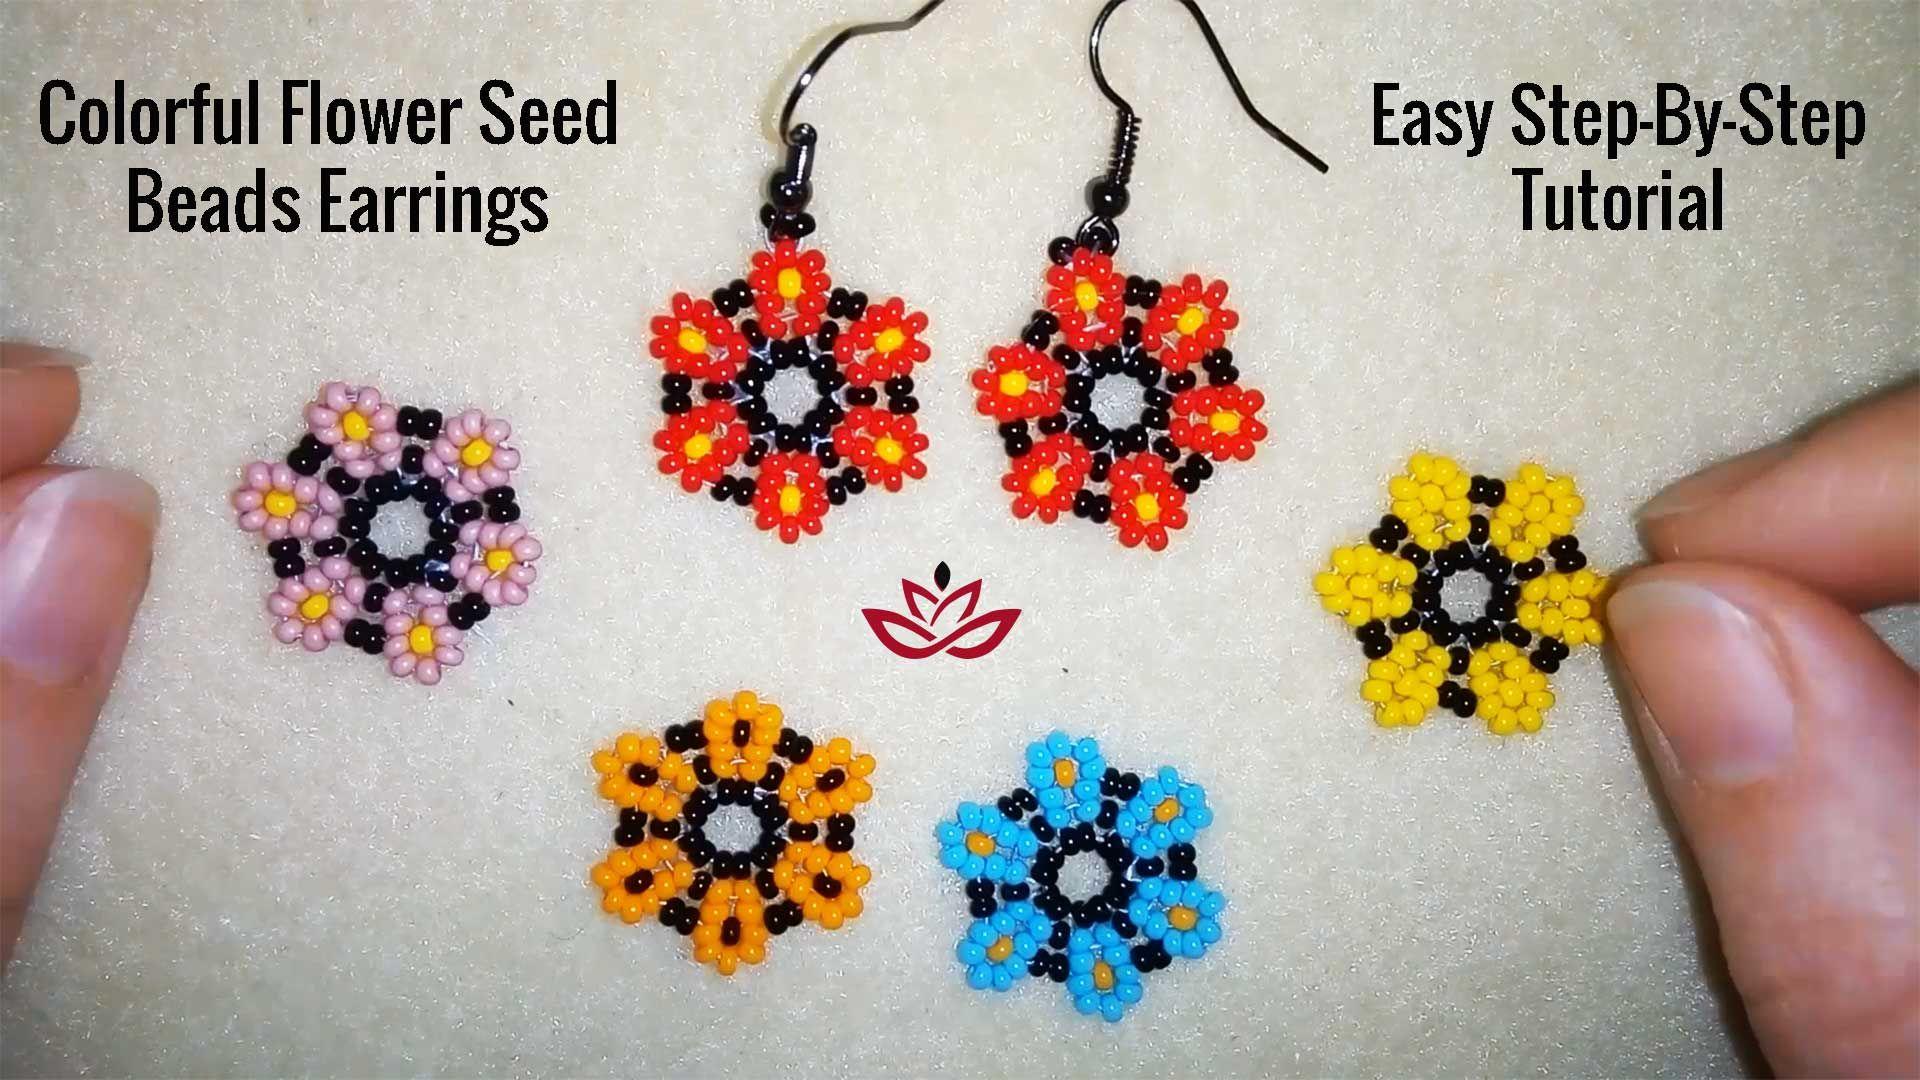 Colorful Flower Seed Beads Earrings Tutorial Seed Bead Tutorial Beading Tutorials Earring Tutorial